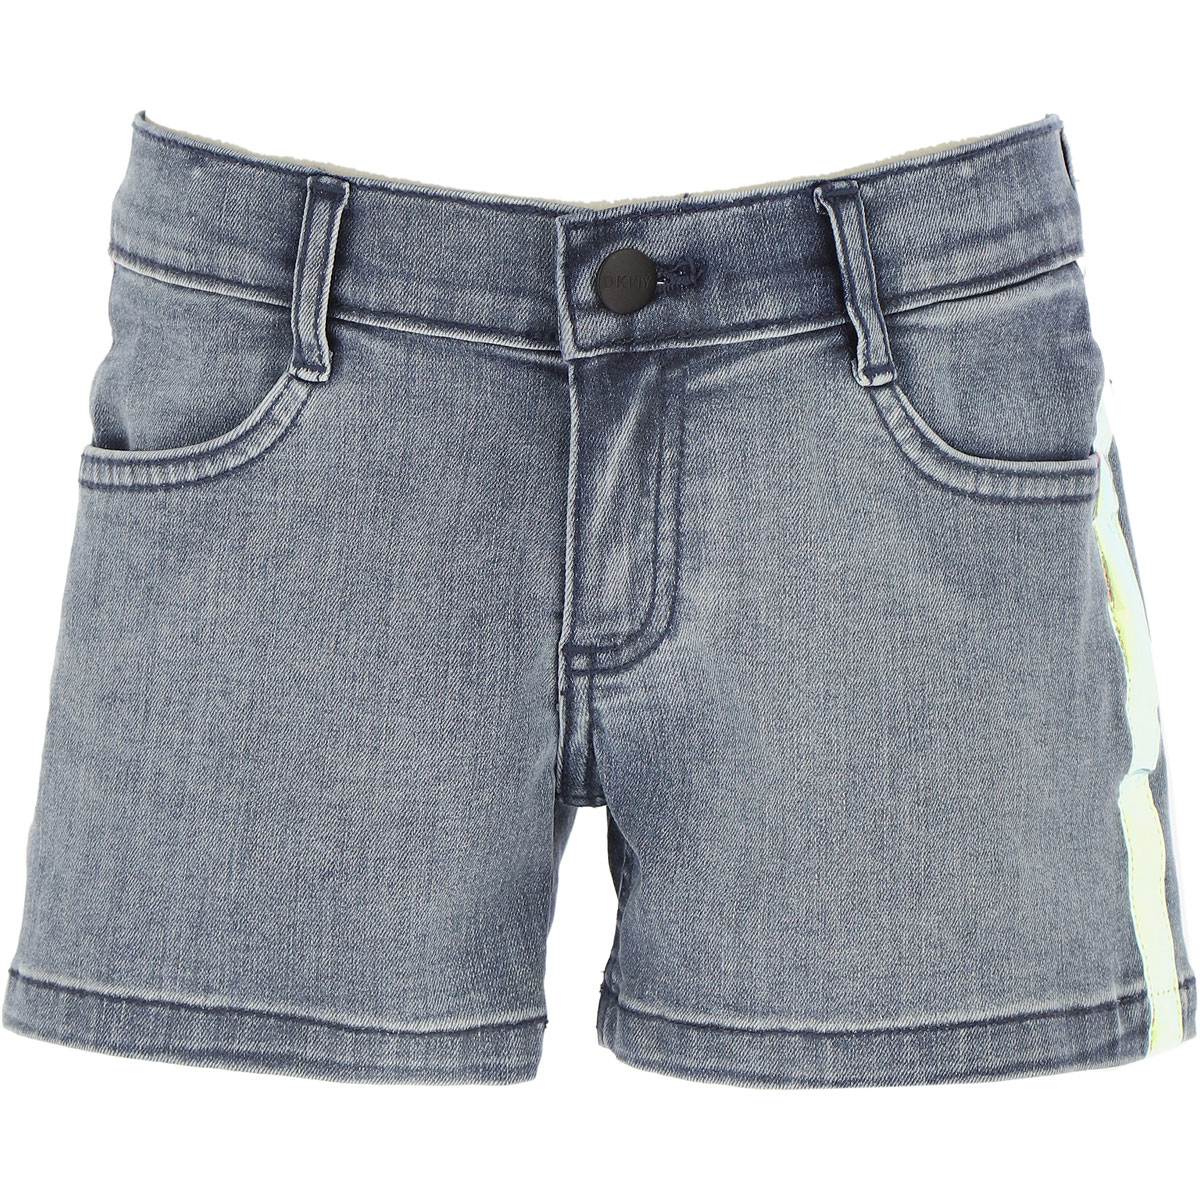 DKNY Kids Shorts for Girls On Sale, Blue Denim, Cotton, 2019, 10Y 14Y 16Y